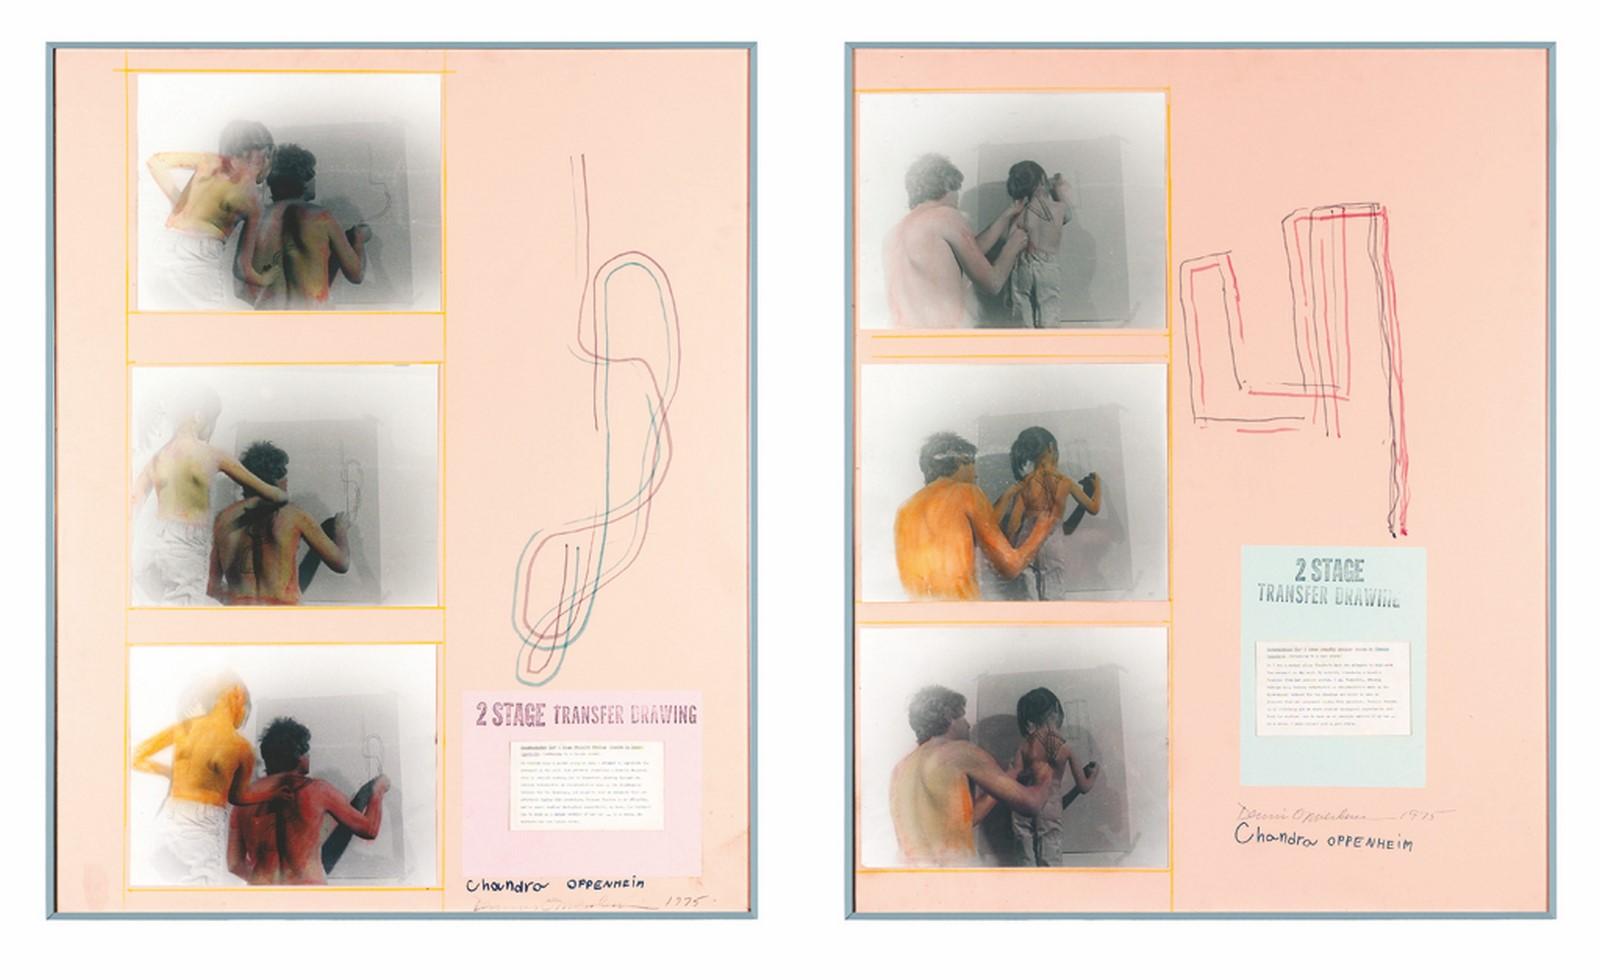 Dennis Oppenheim, Two stage transfer drawing, 1975, fotografia, disegno, foglio dattiloscritto su cartoncino, ed. unica, 102,5 x 82,5 cm, collezione privata, Bassano del Grappa